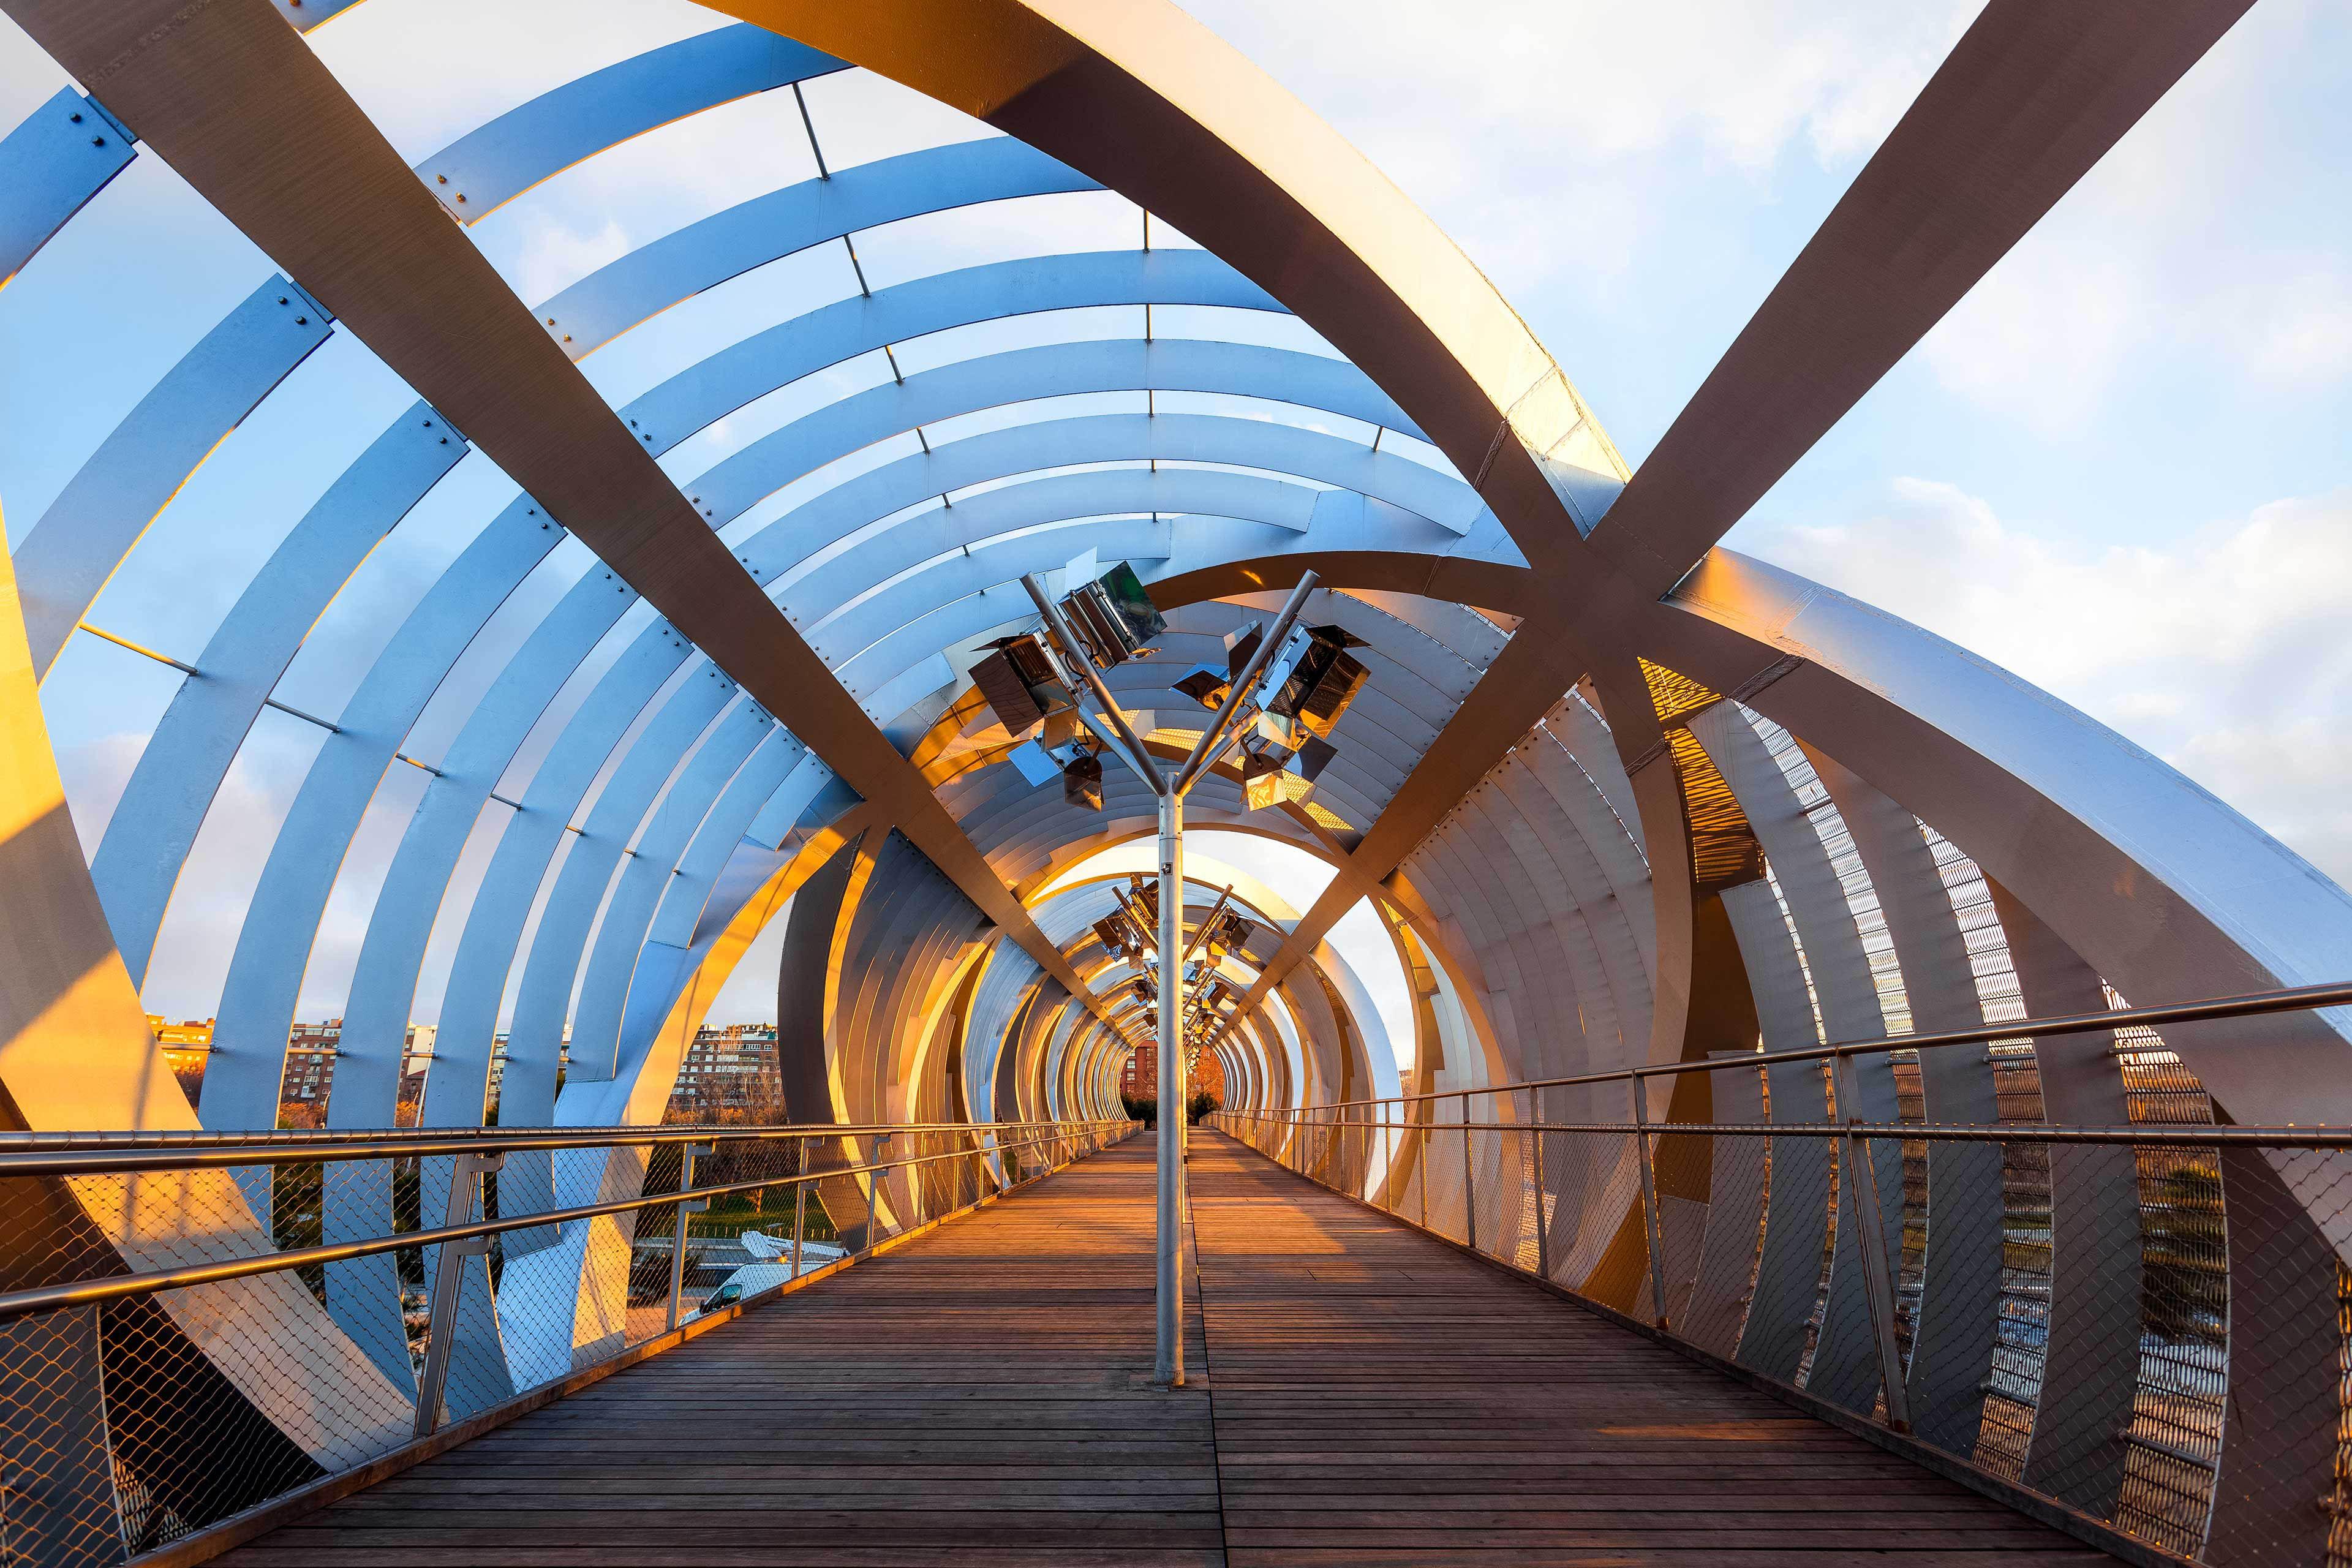 circular enclosed footbridge